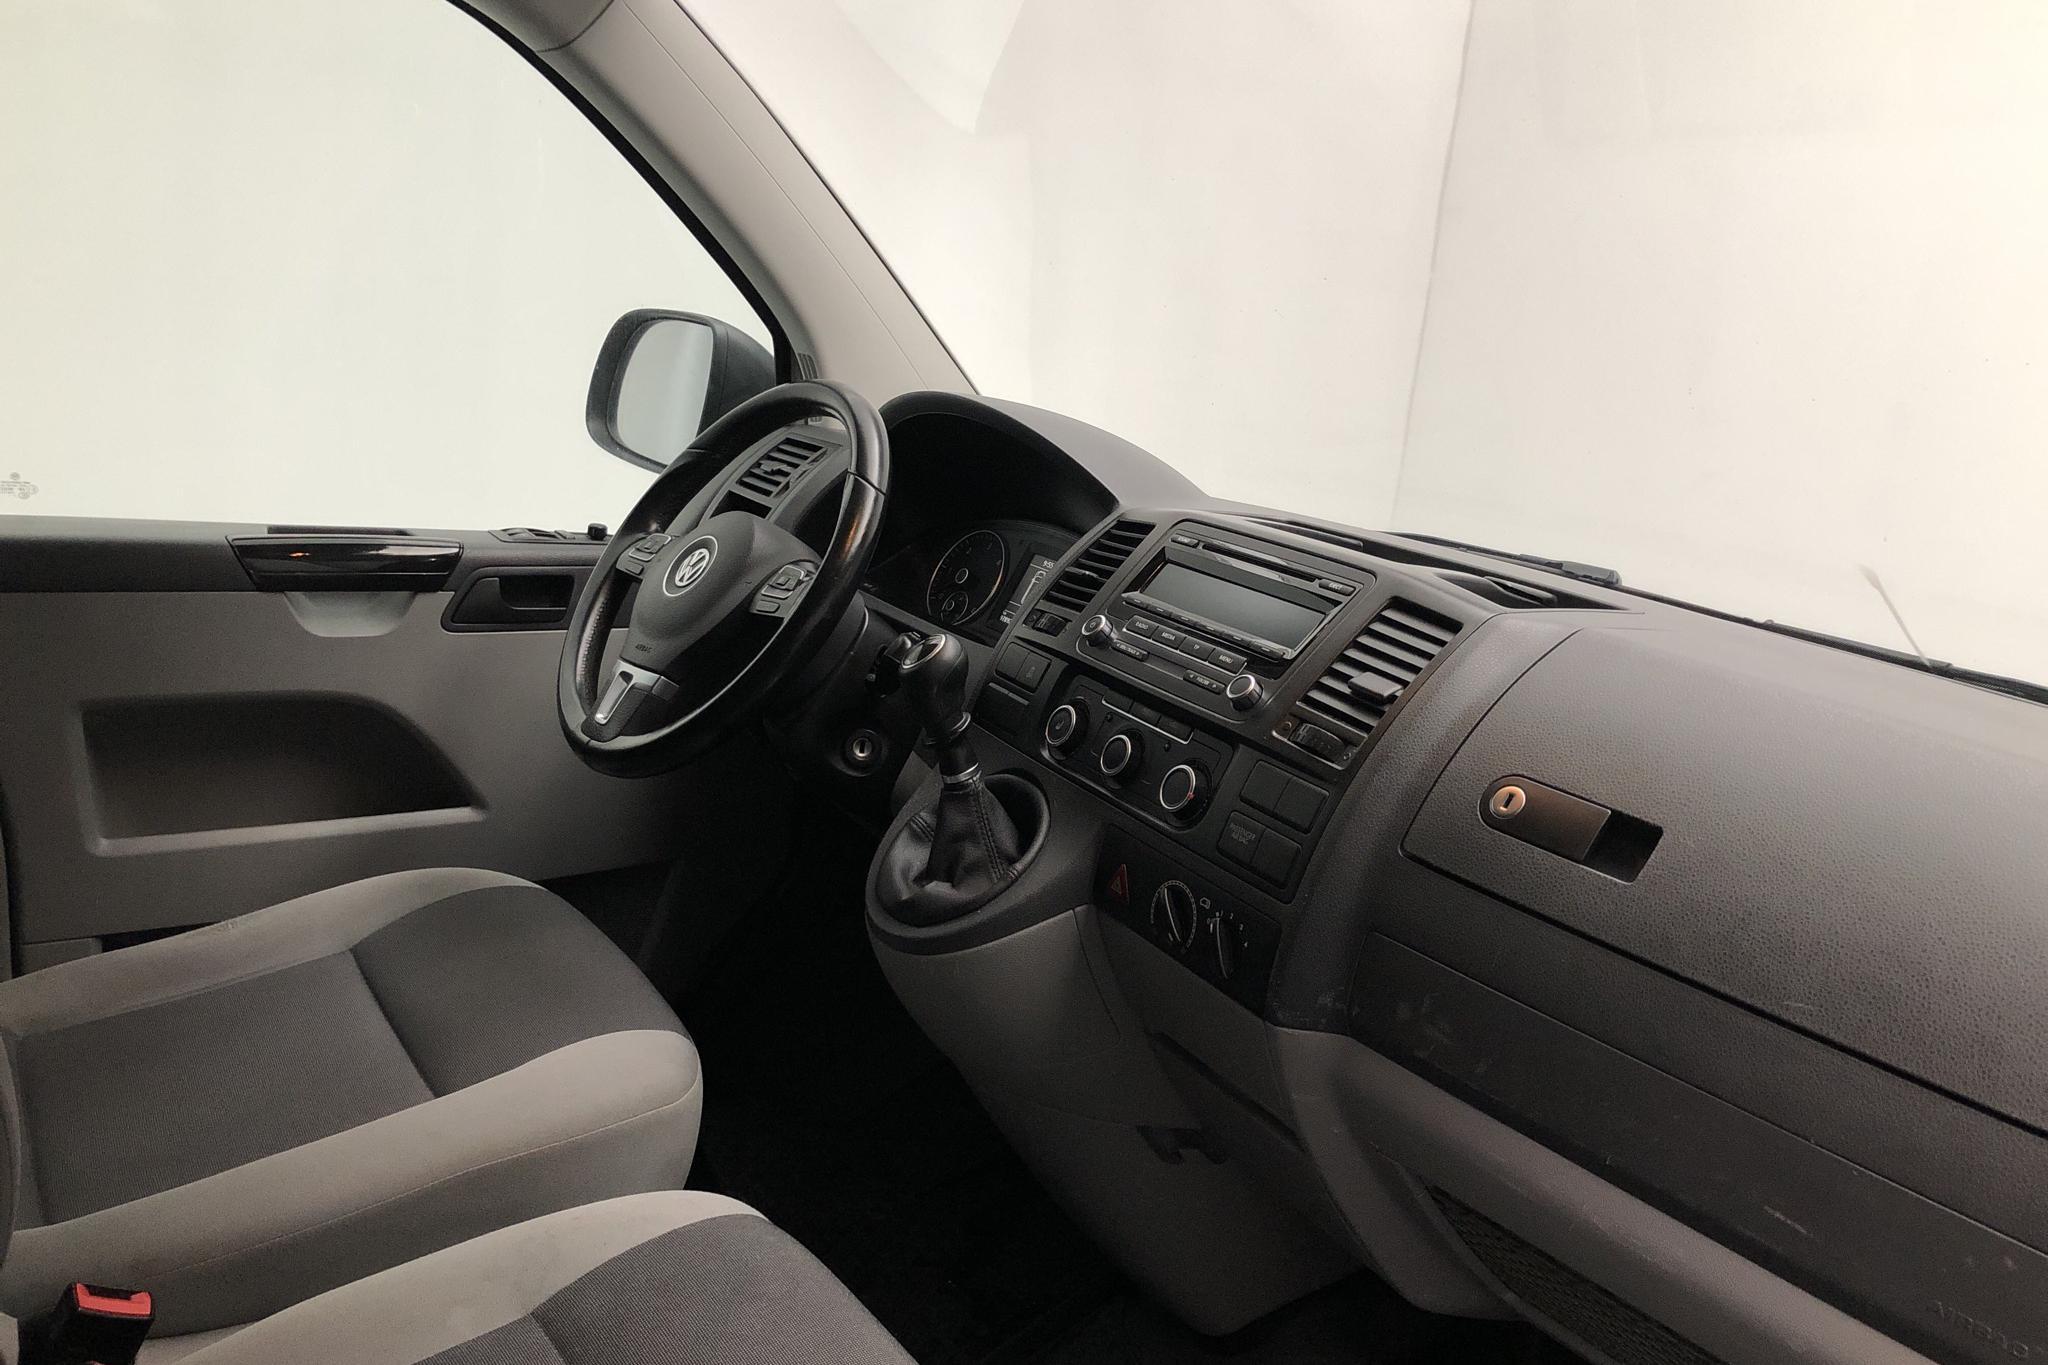 VW Transporter T5 2.0 TDI (102hk) - 9 788 mil - Manuell - vit - 2015